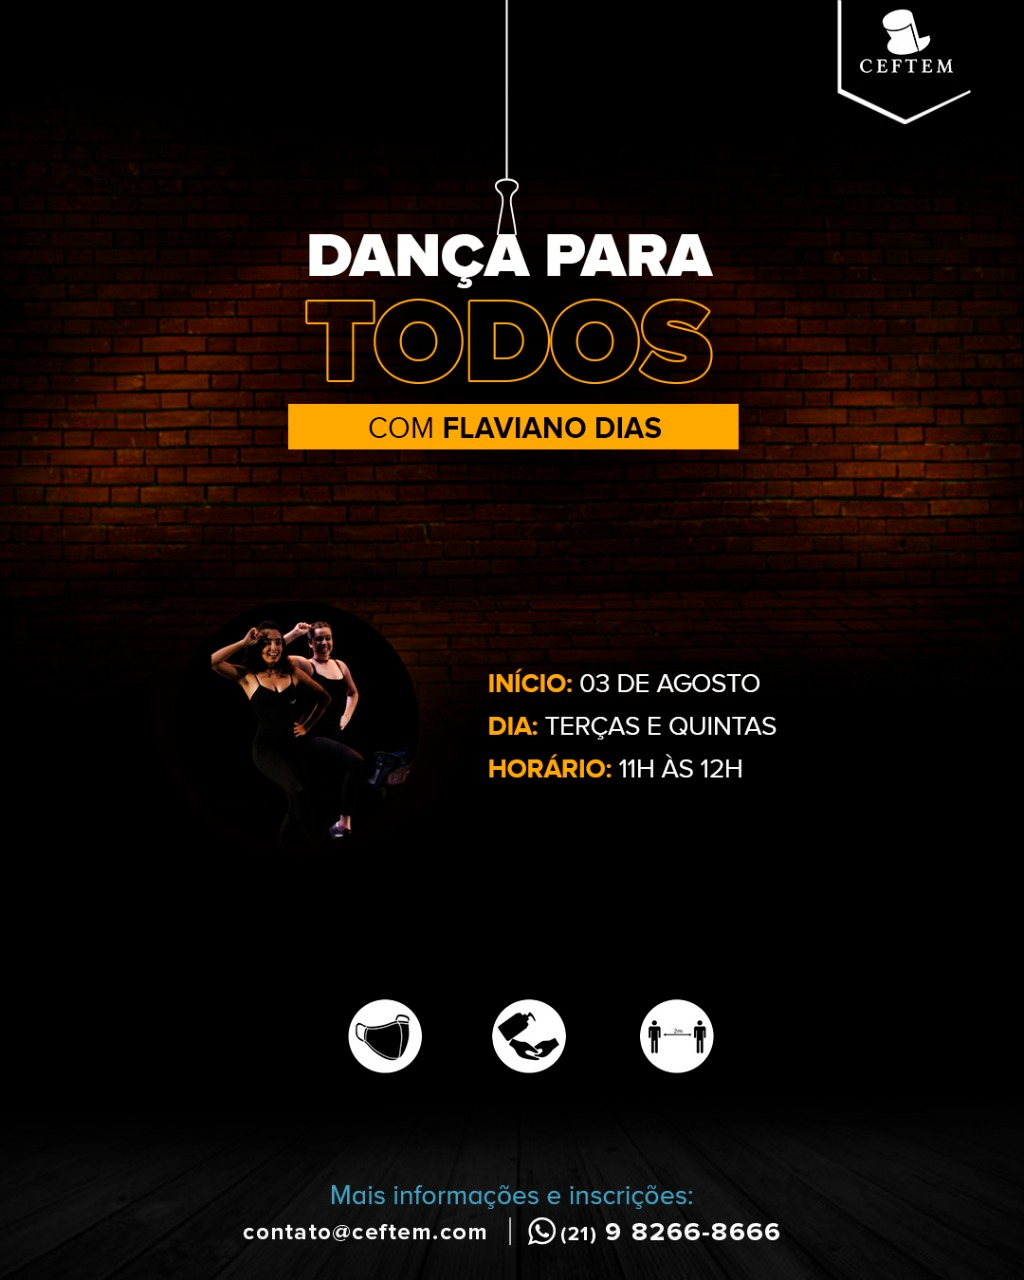 Imagem para curso de Dança Para Todos